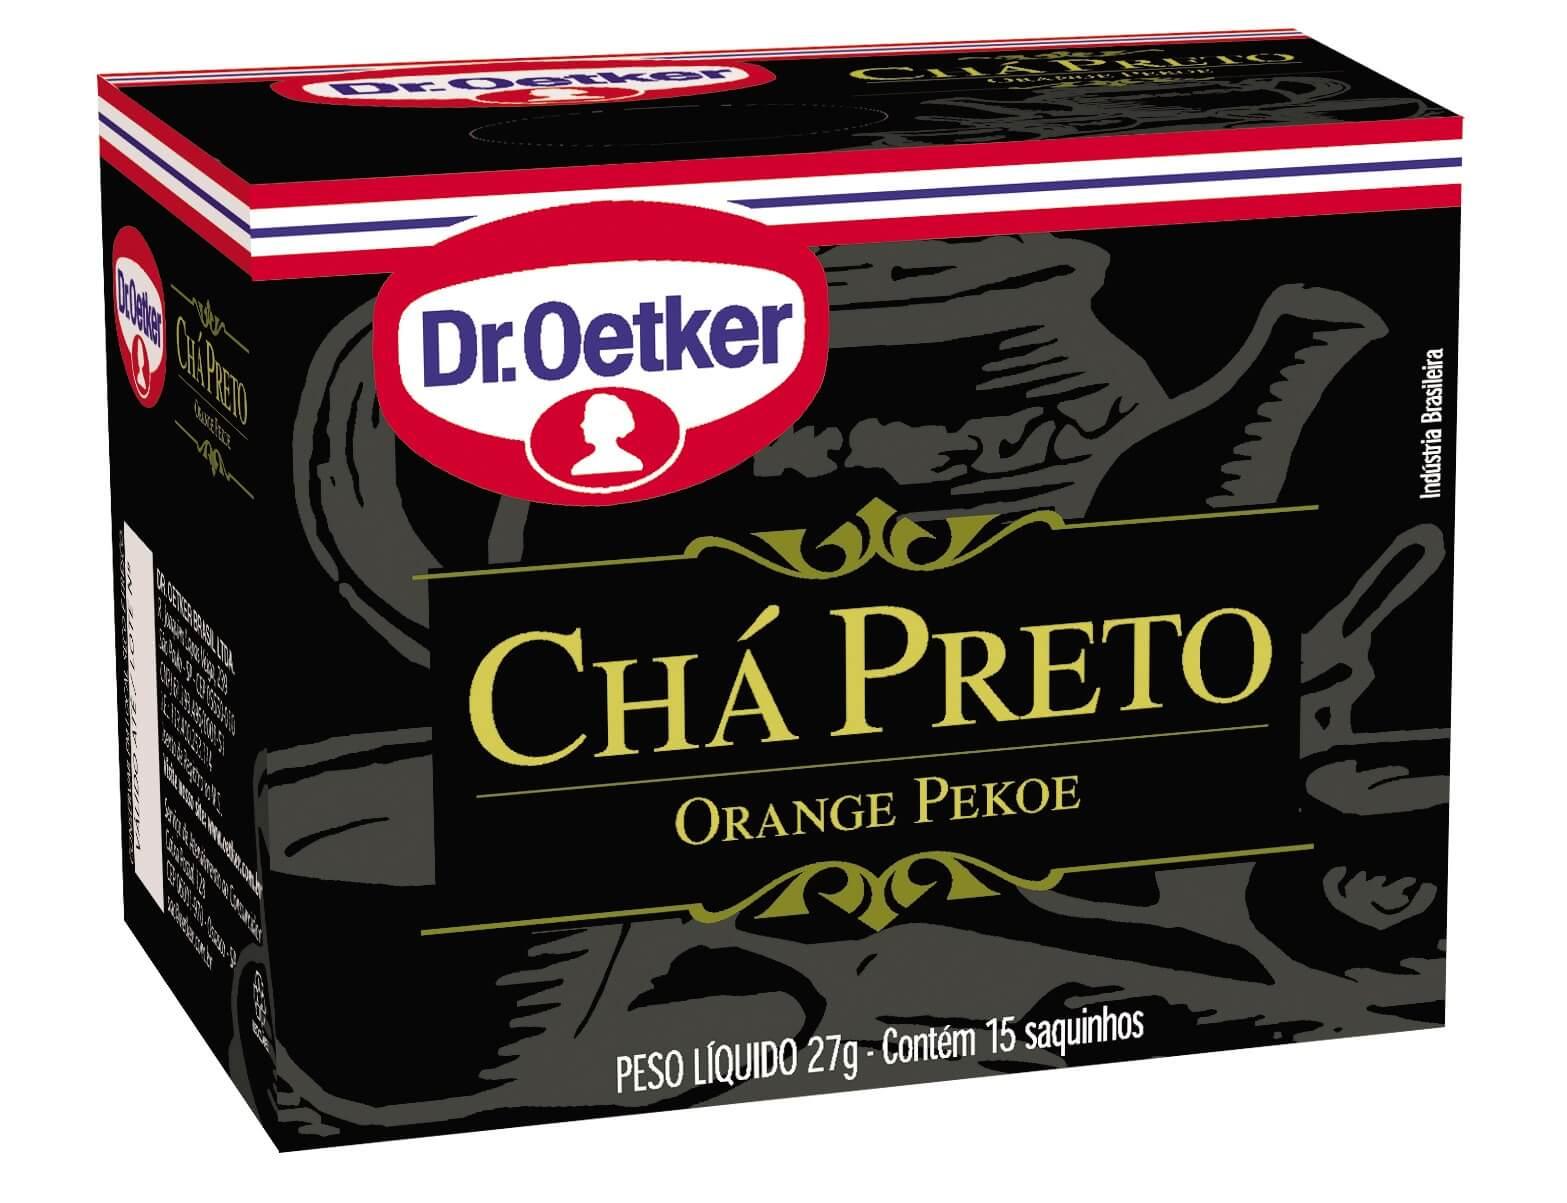 CHÁ PRETO - DR. OETKER